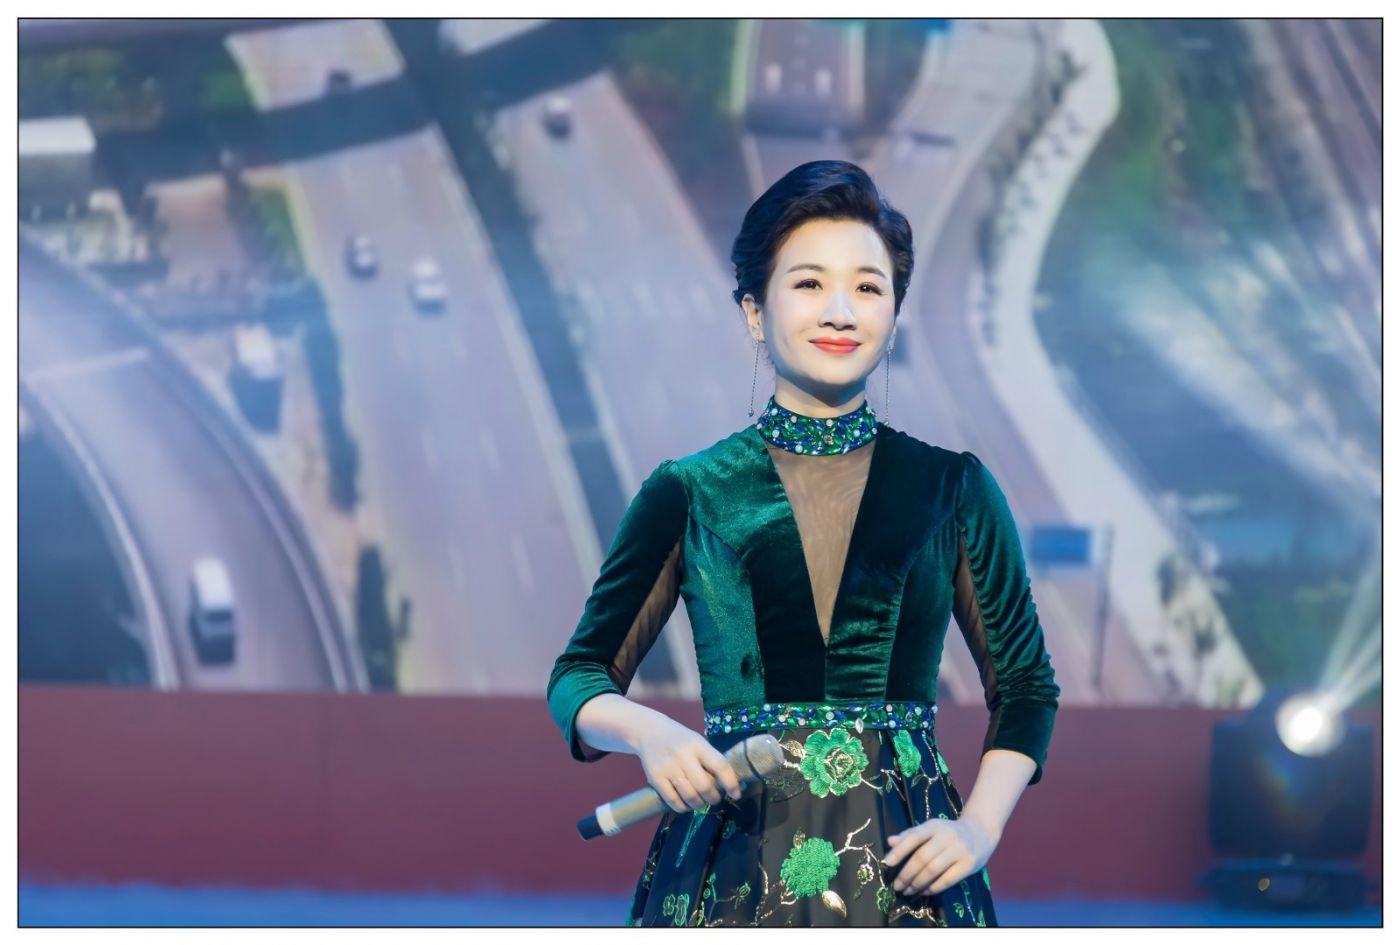 又见星光大道冠军歌手张海军 1月26央视播出 将自己唱哭的歌手 ..._图1-14